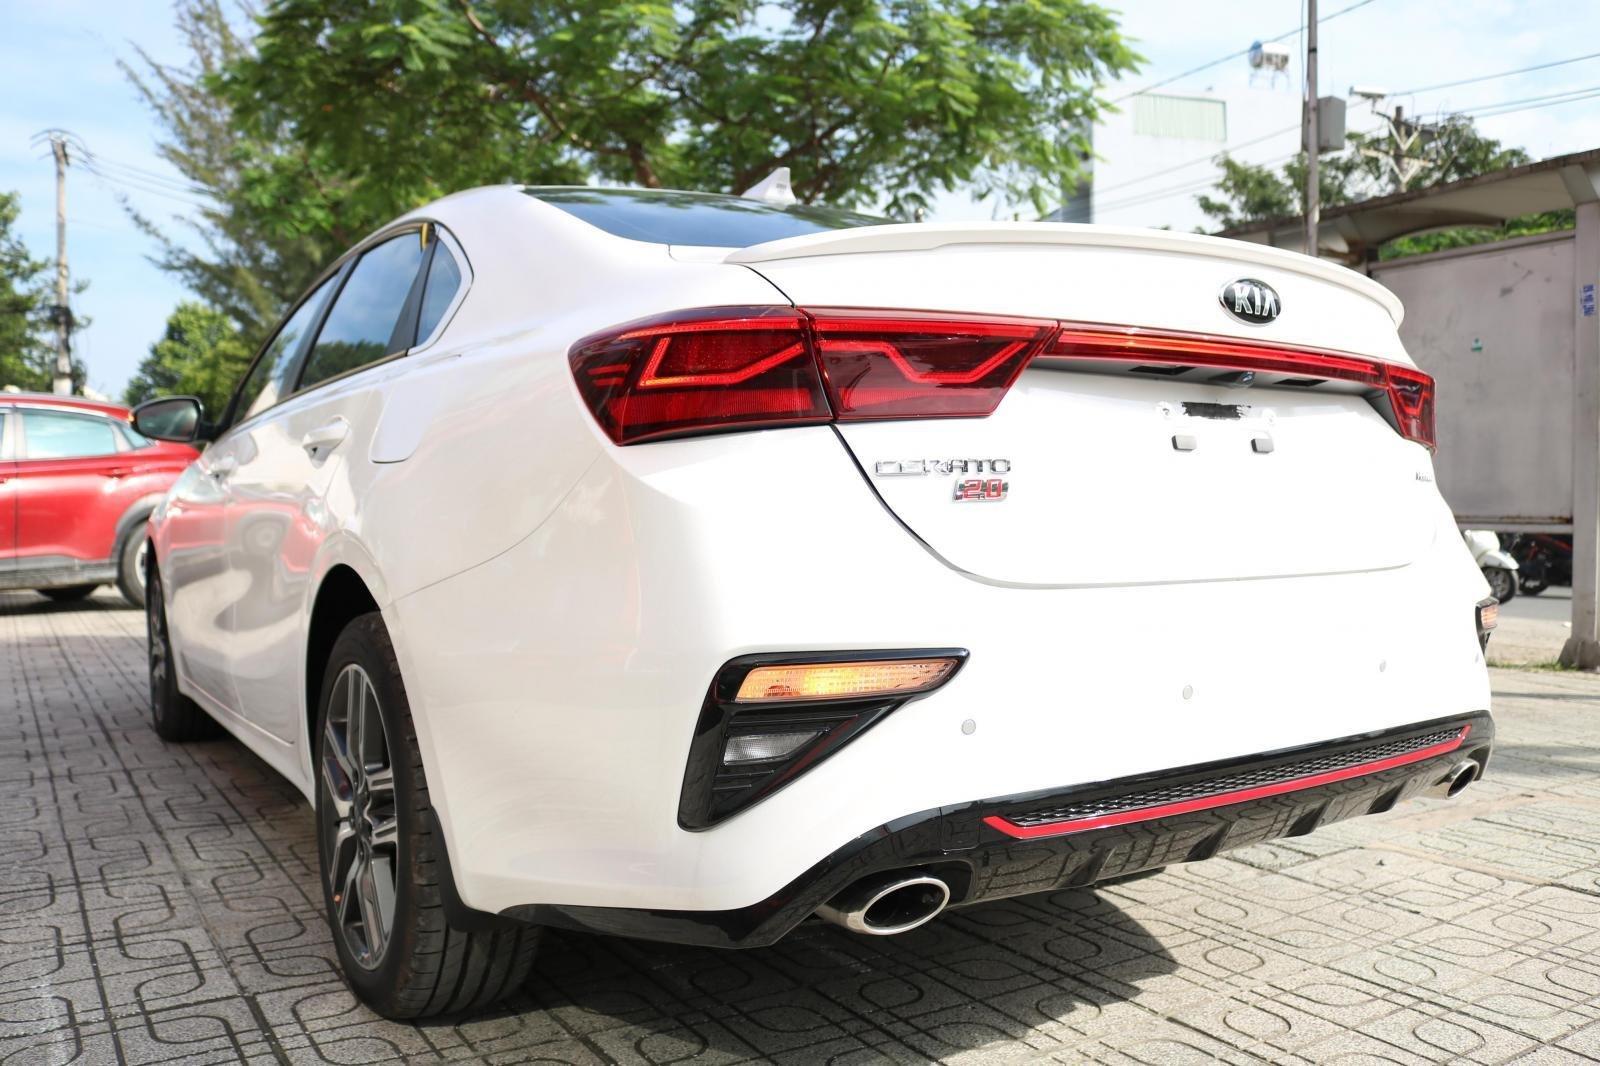 Kia Cerato 2019 - Màu trắng - mới 100% - giá tốt huyện Củ Chi (10)